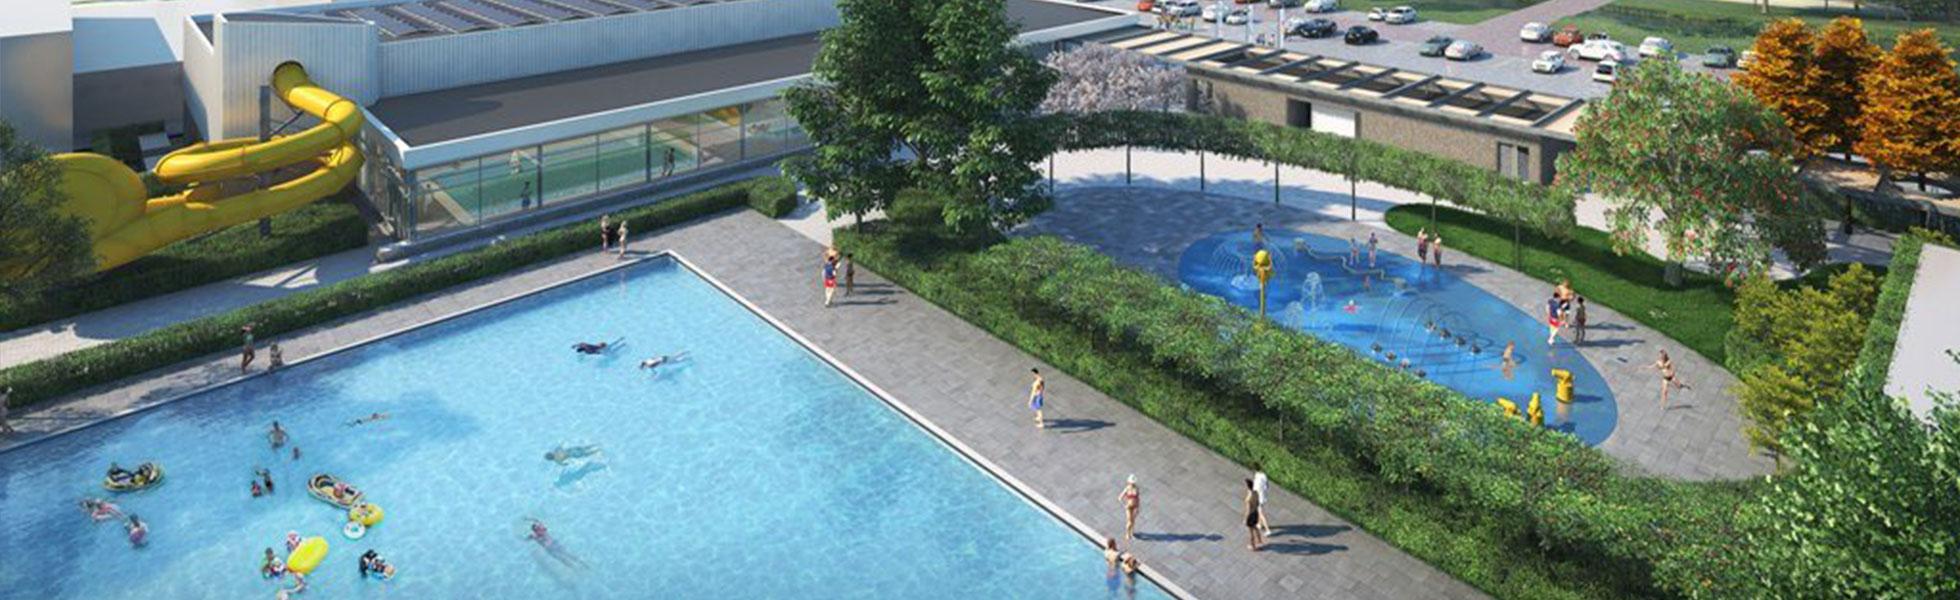 Zwembad-De-Louwert-Hendrik-Ido-Ambacht MVIE